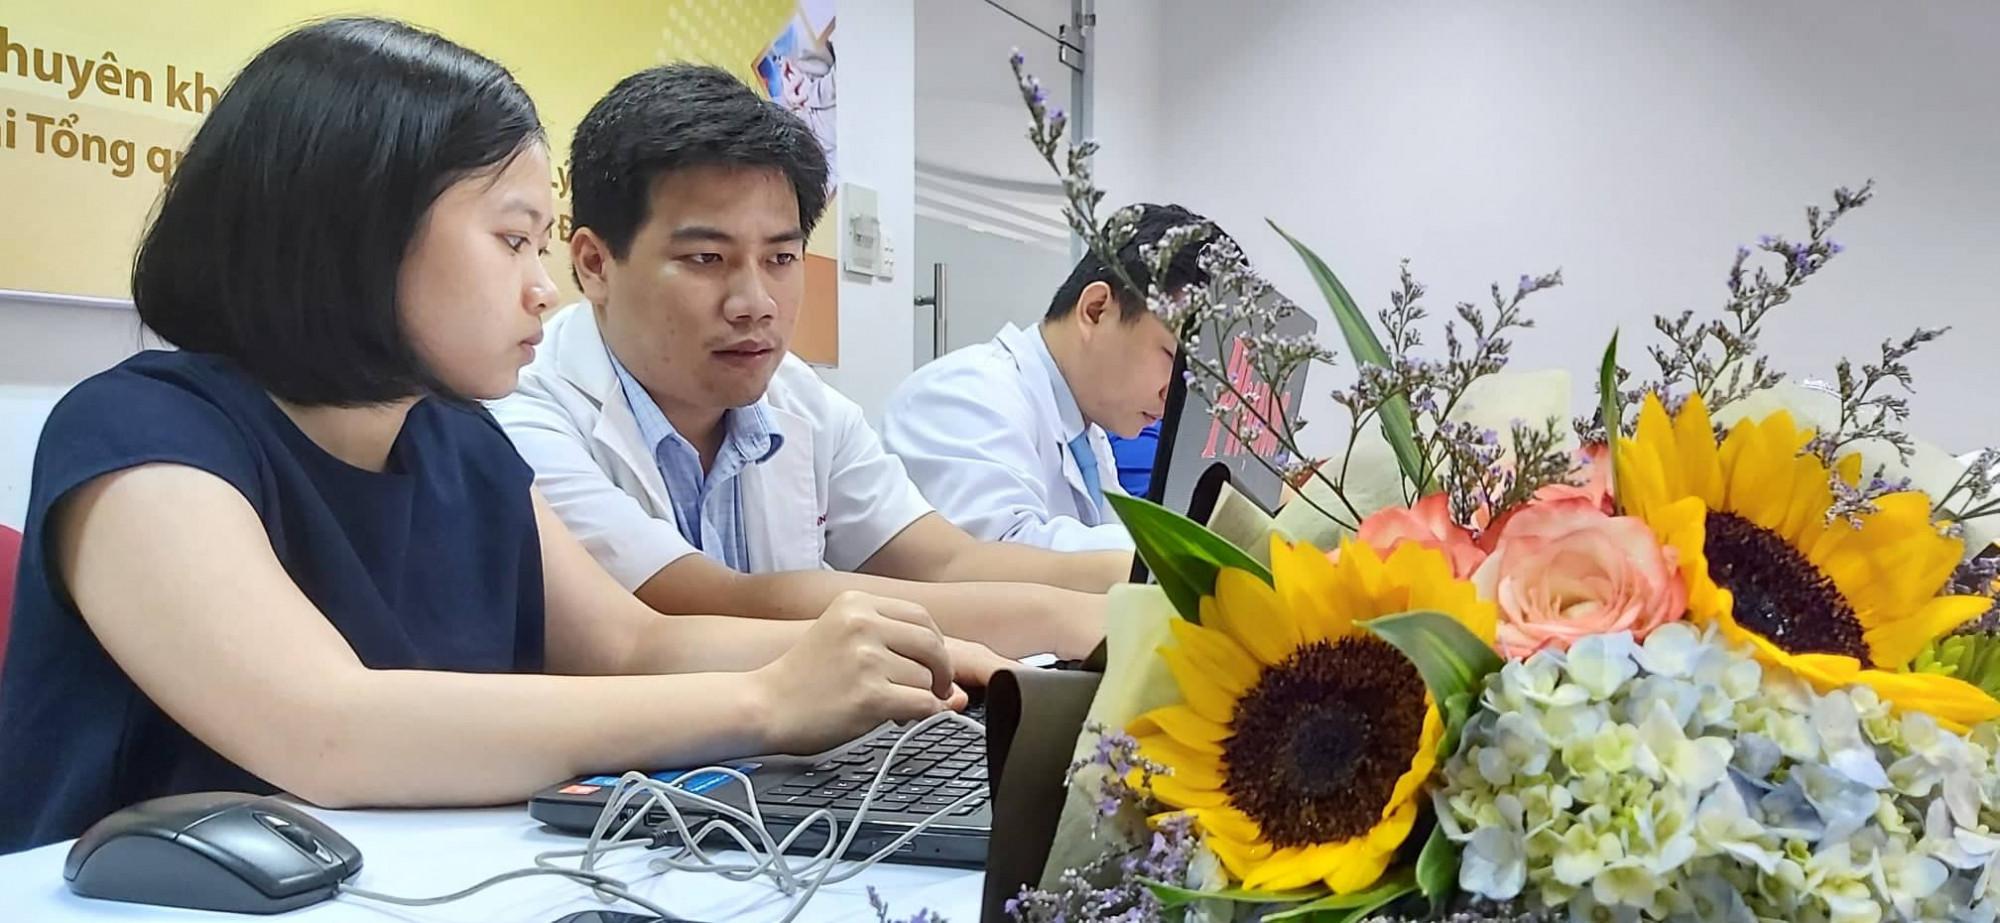 Bác sĩ Nguyễn Minh Lý trả lời giao lưu trực tuyến